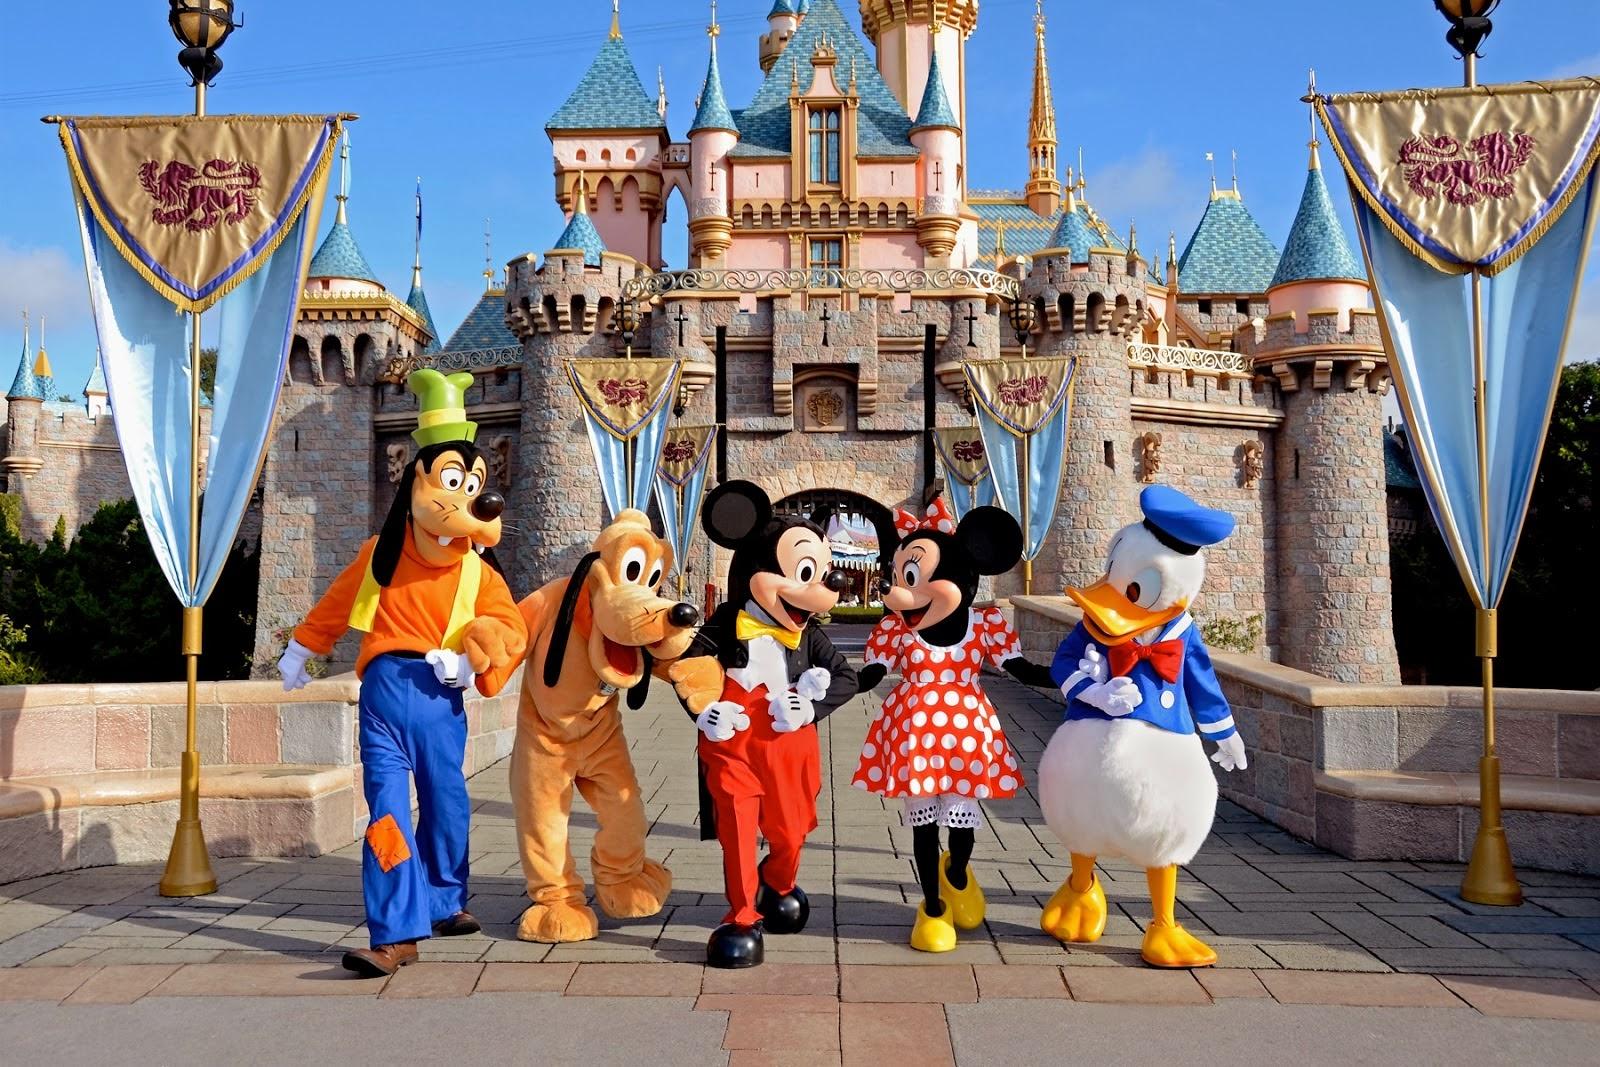 Fotos da Disney em Orlando Parede da Disney Orlando